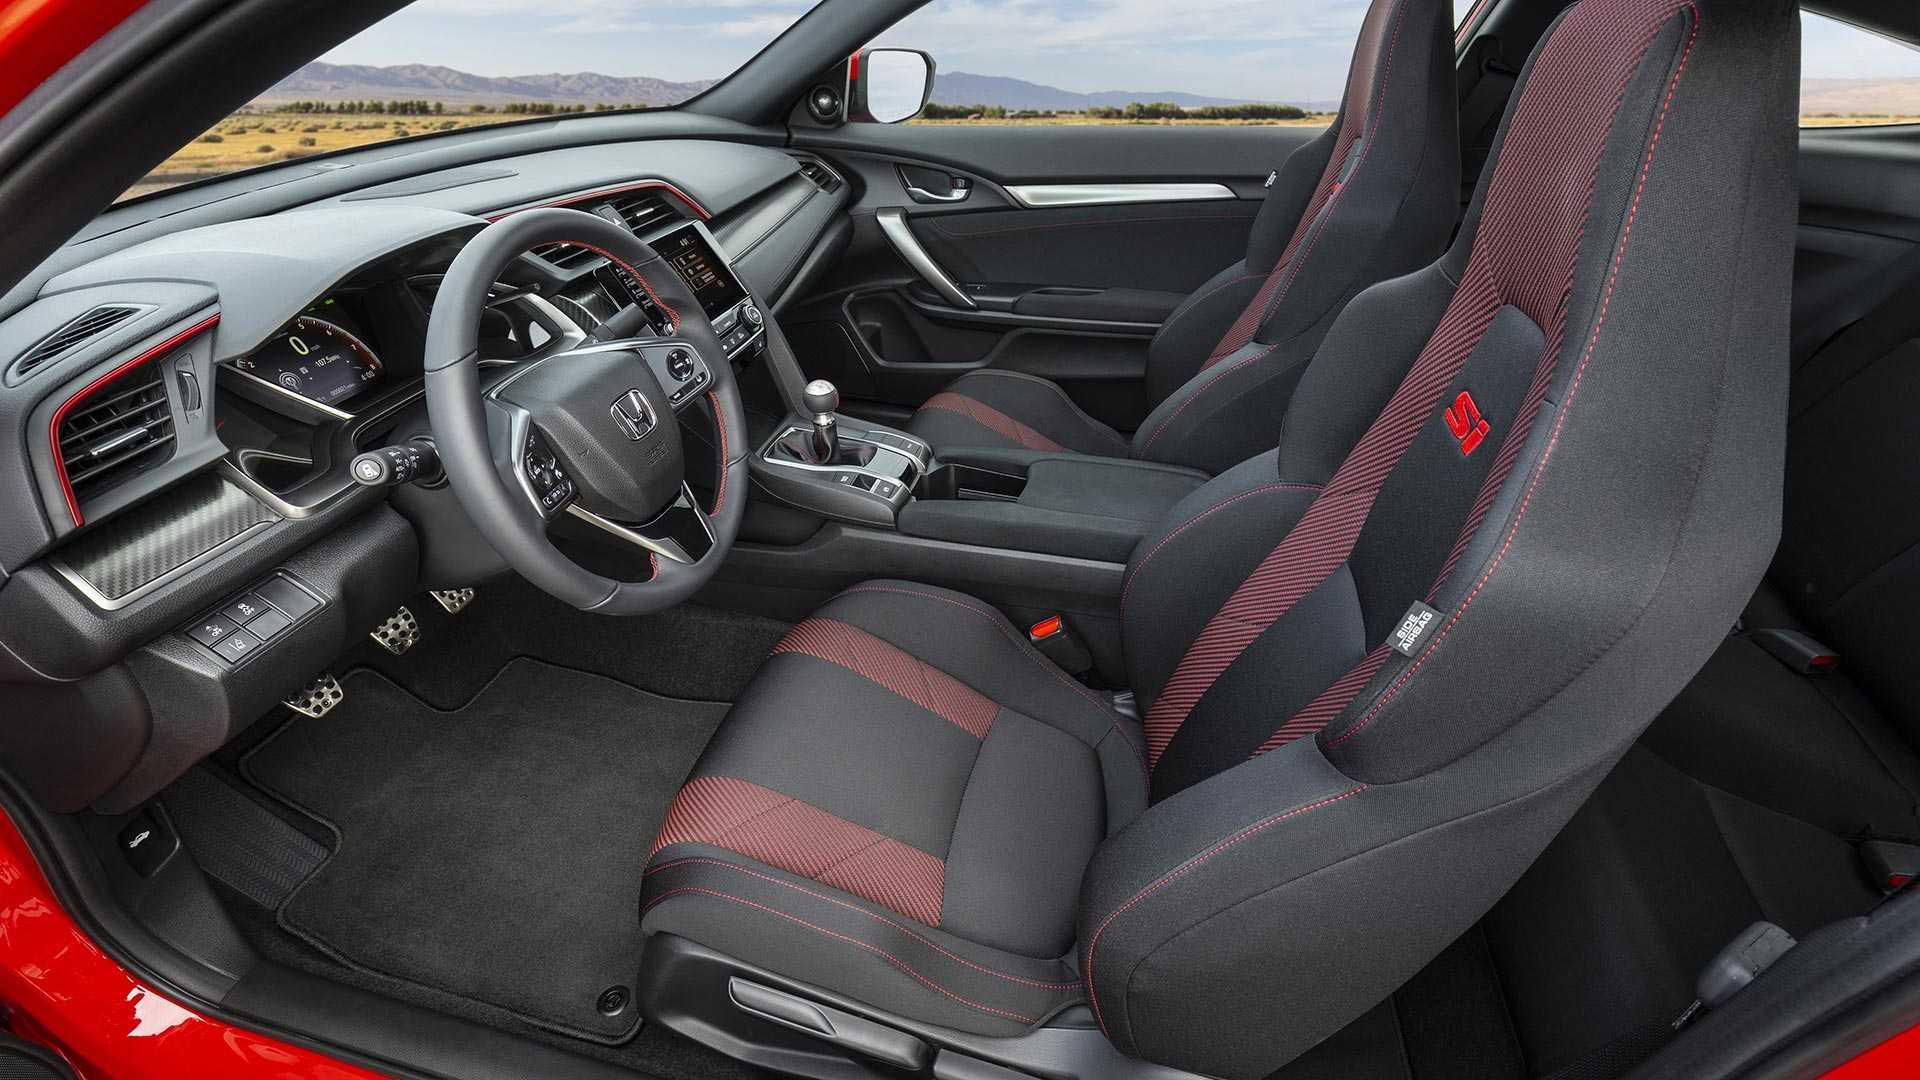 Khám phá Honda Civic Si 2020 phiên bản thể thao - 12